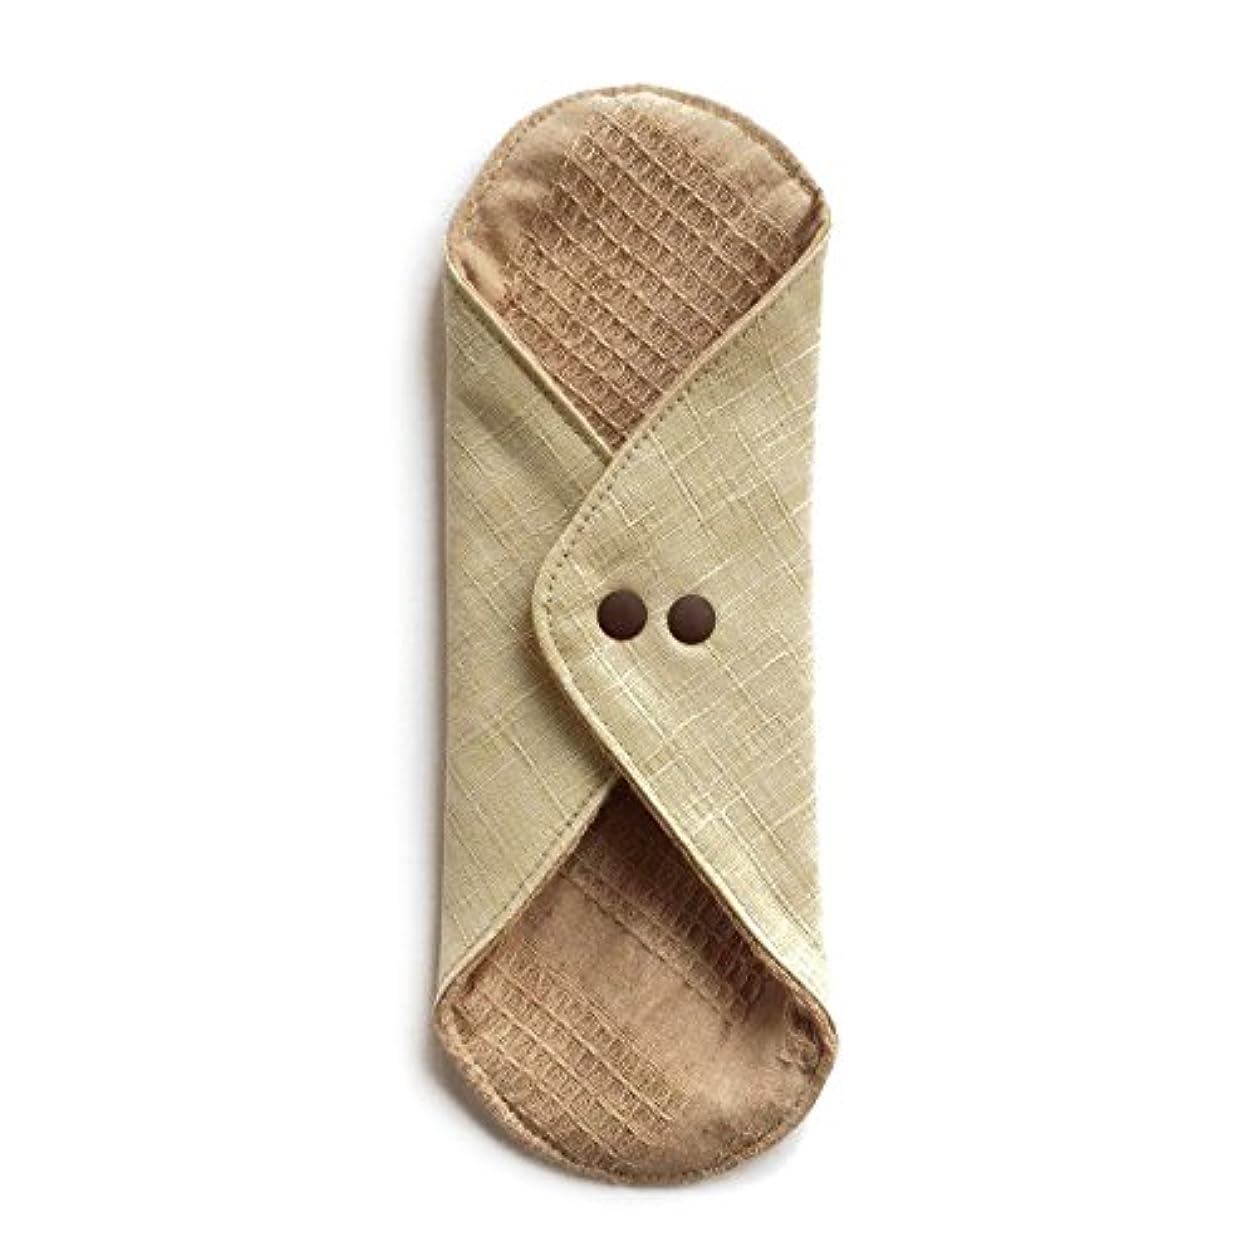 立ち向かうスペシャリストヤギ華布のオーガニックコットンのあたため布 Lサイズ (約18×約20.5×約0.5cm) 彩り(百合)